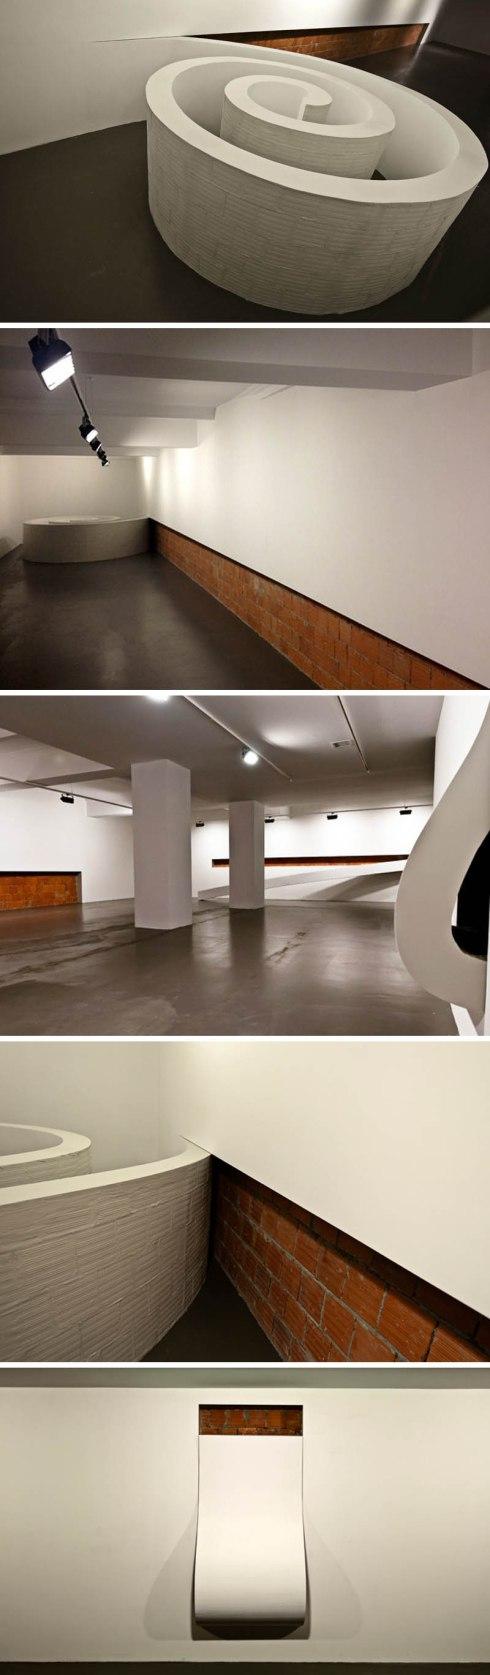 Contemporary Turkish Art, Mehmet Ali Uysal, Peel